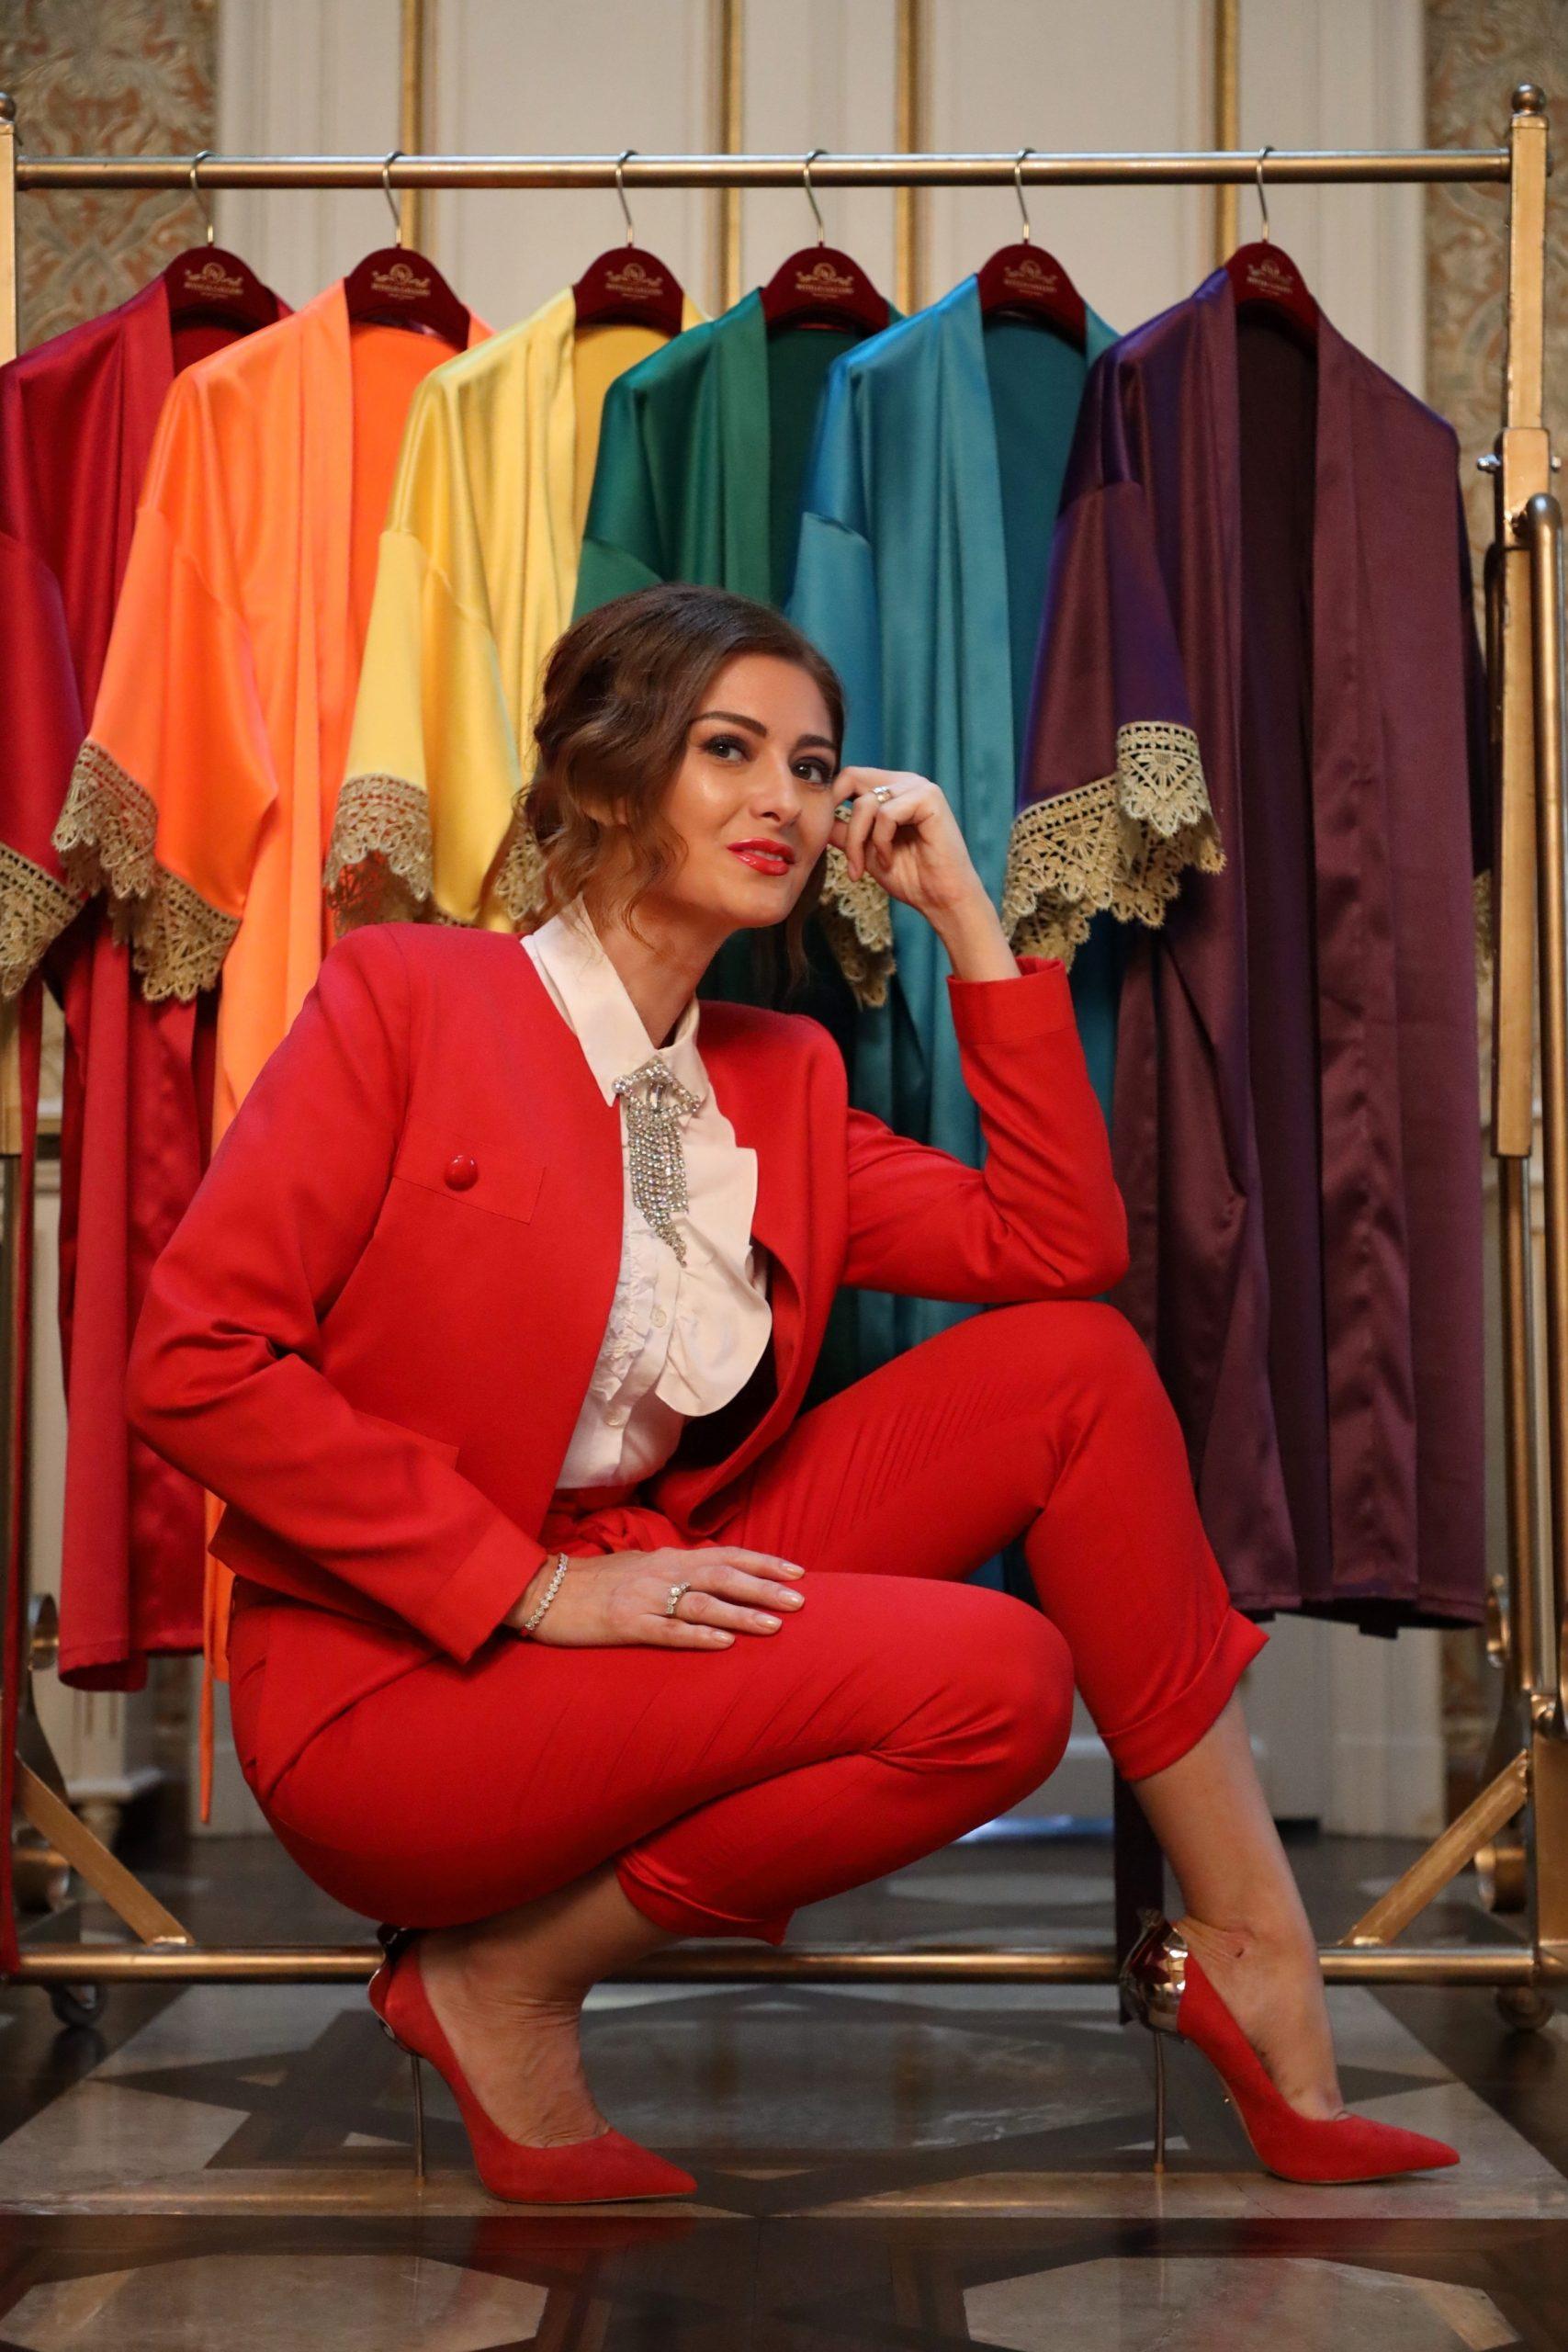 Oana Livia Badea, proprietar și general manager al Bitolia Gallery, este foarte mândră de colecția de halate de casă ROYAL HOME. Sursa foto: arhiva personală